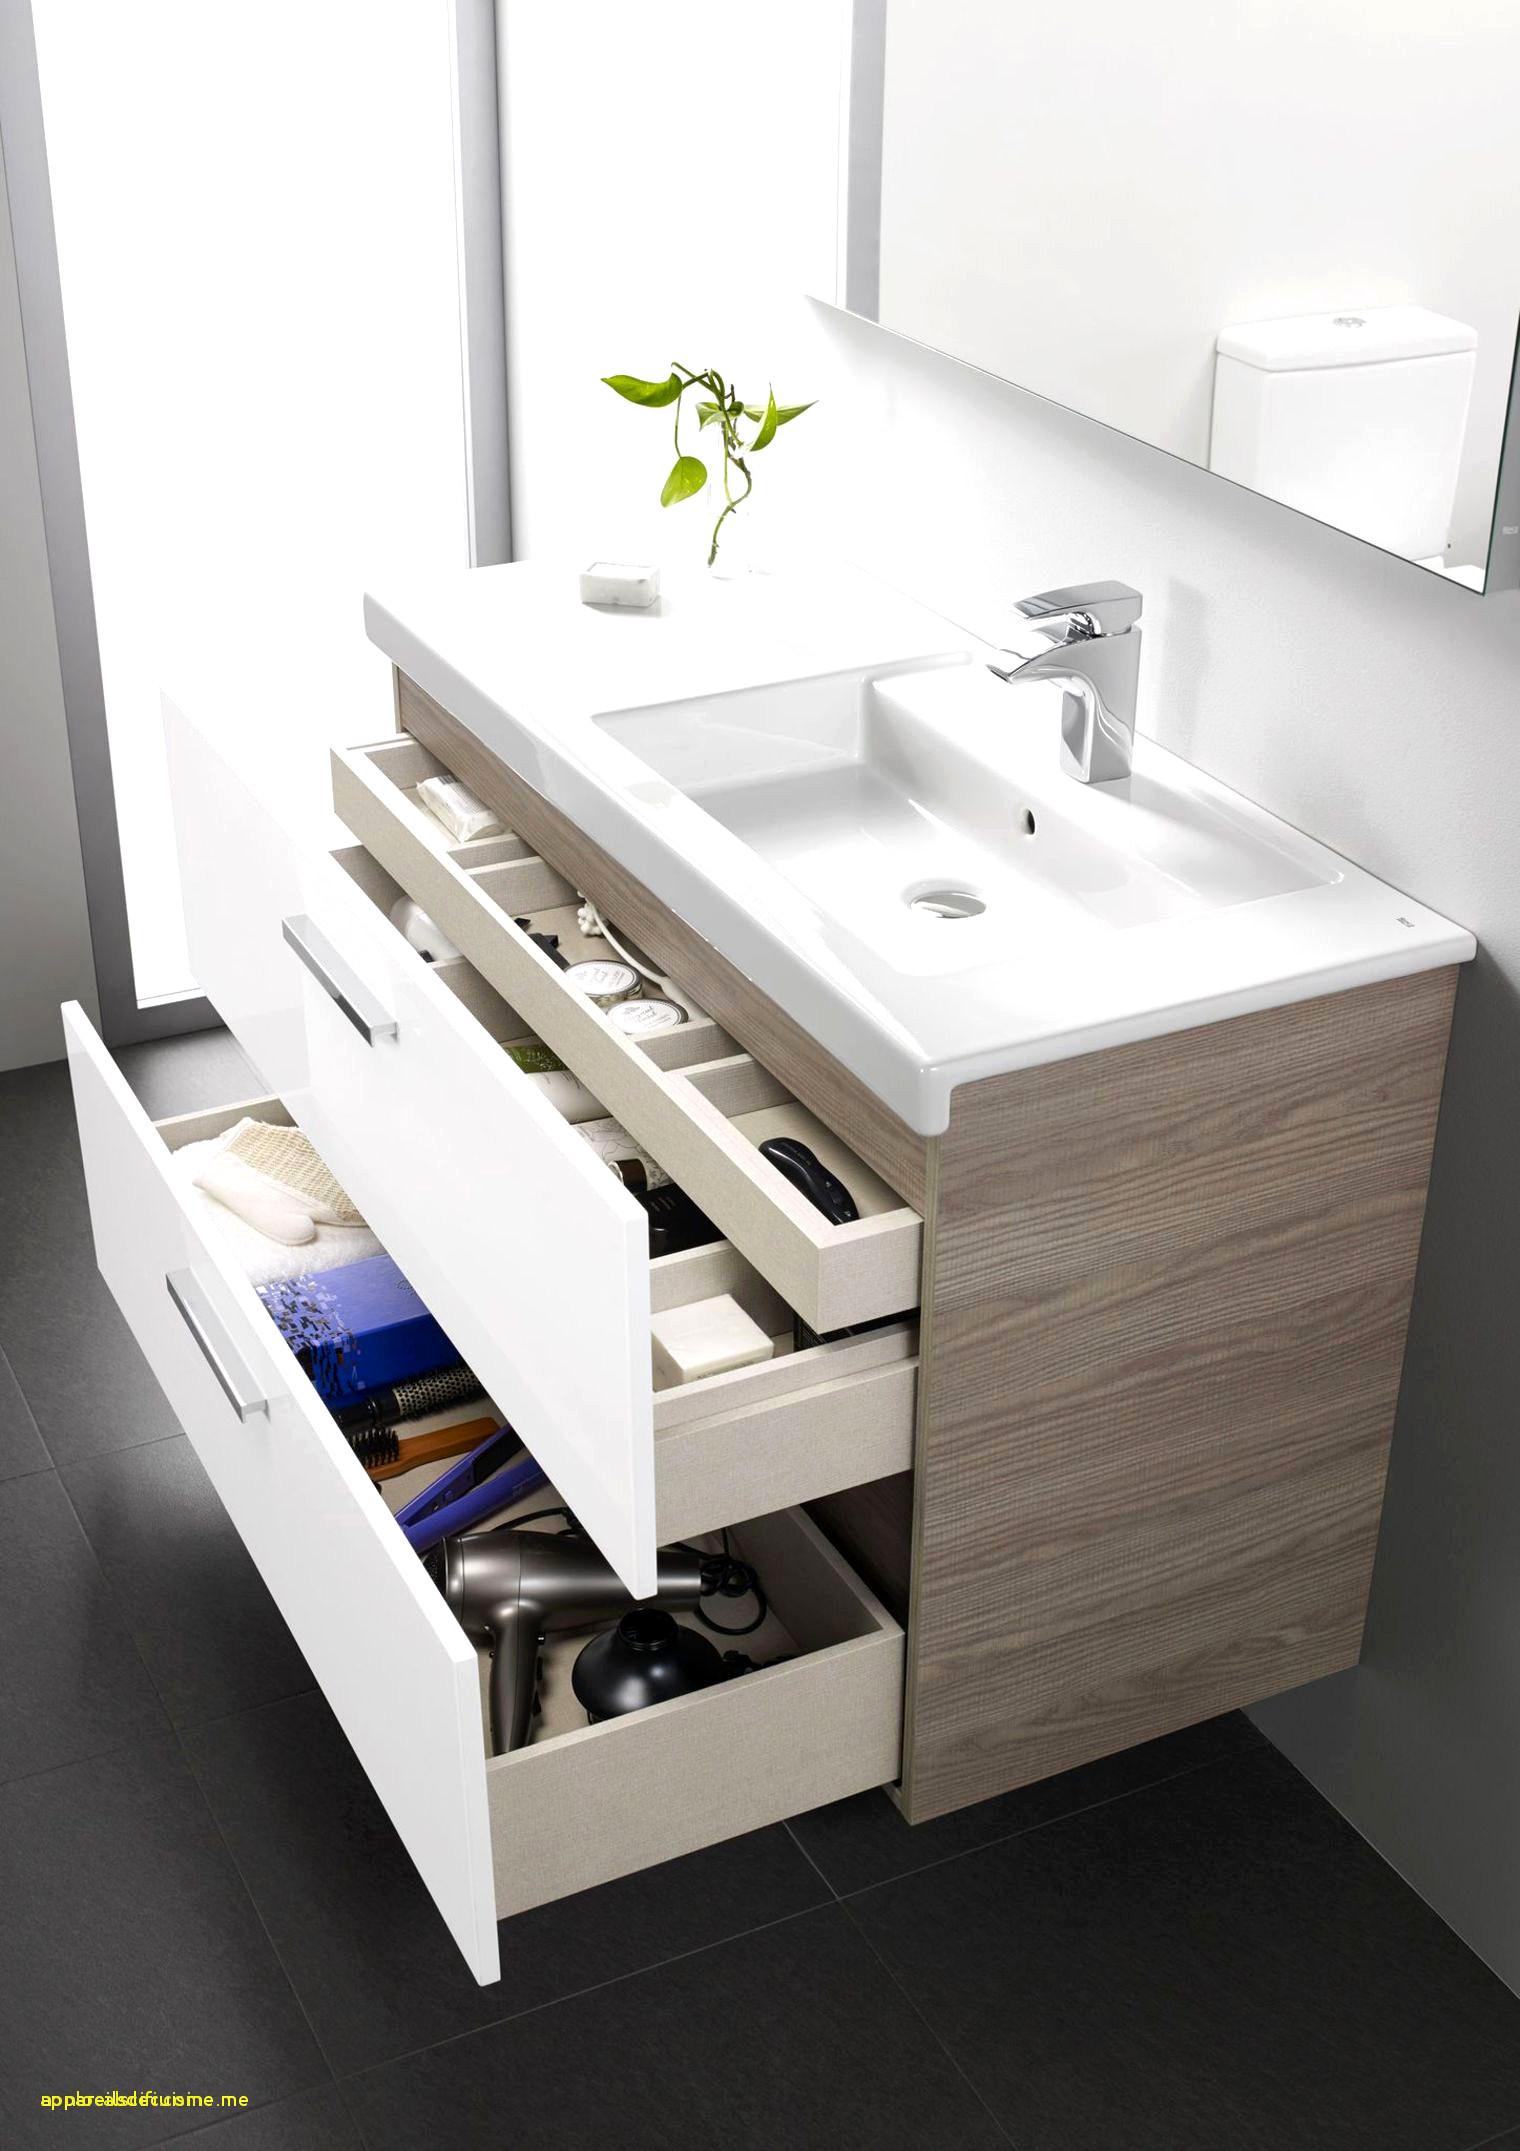 Meuble sous Lavabo Ikea Impressionnant Photographie Résultat Supérieur 100 Beau Evier Meuble Salle De Bain Graphie